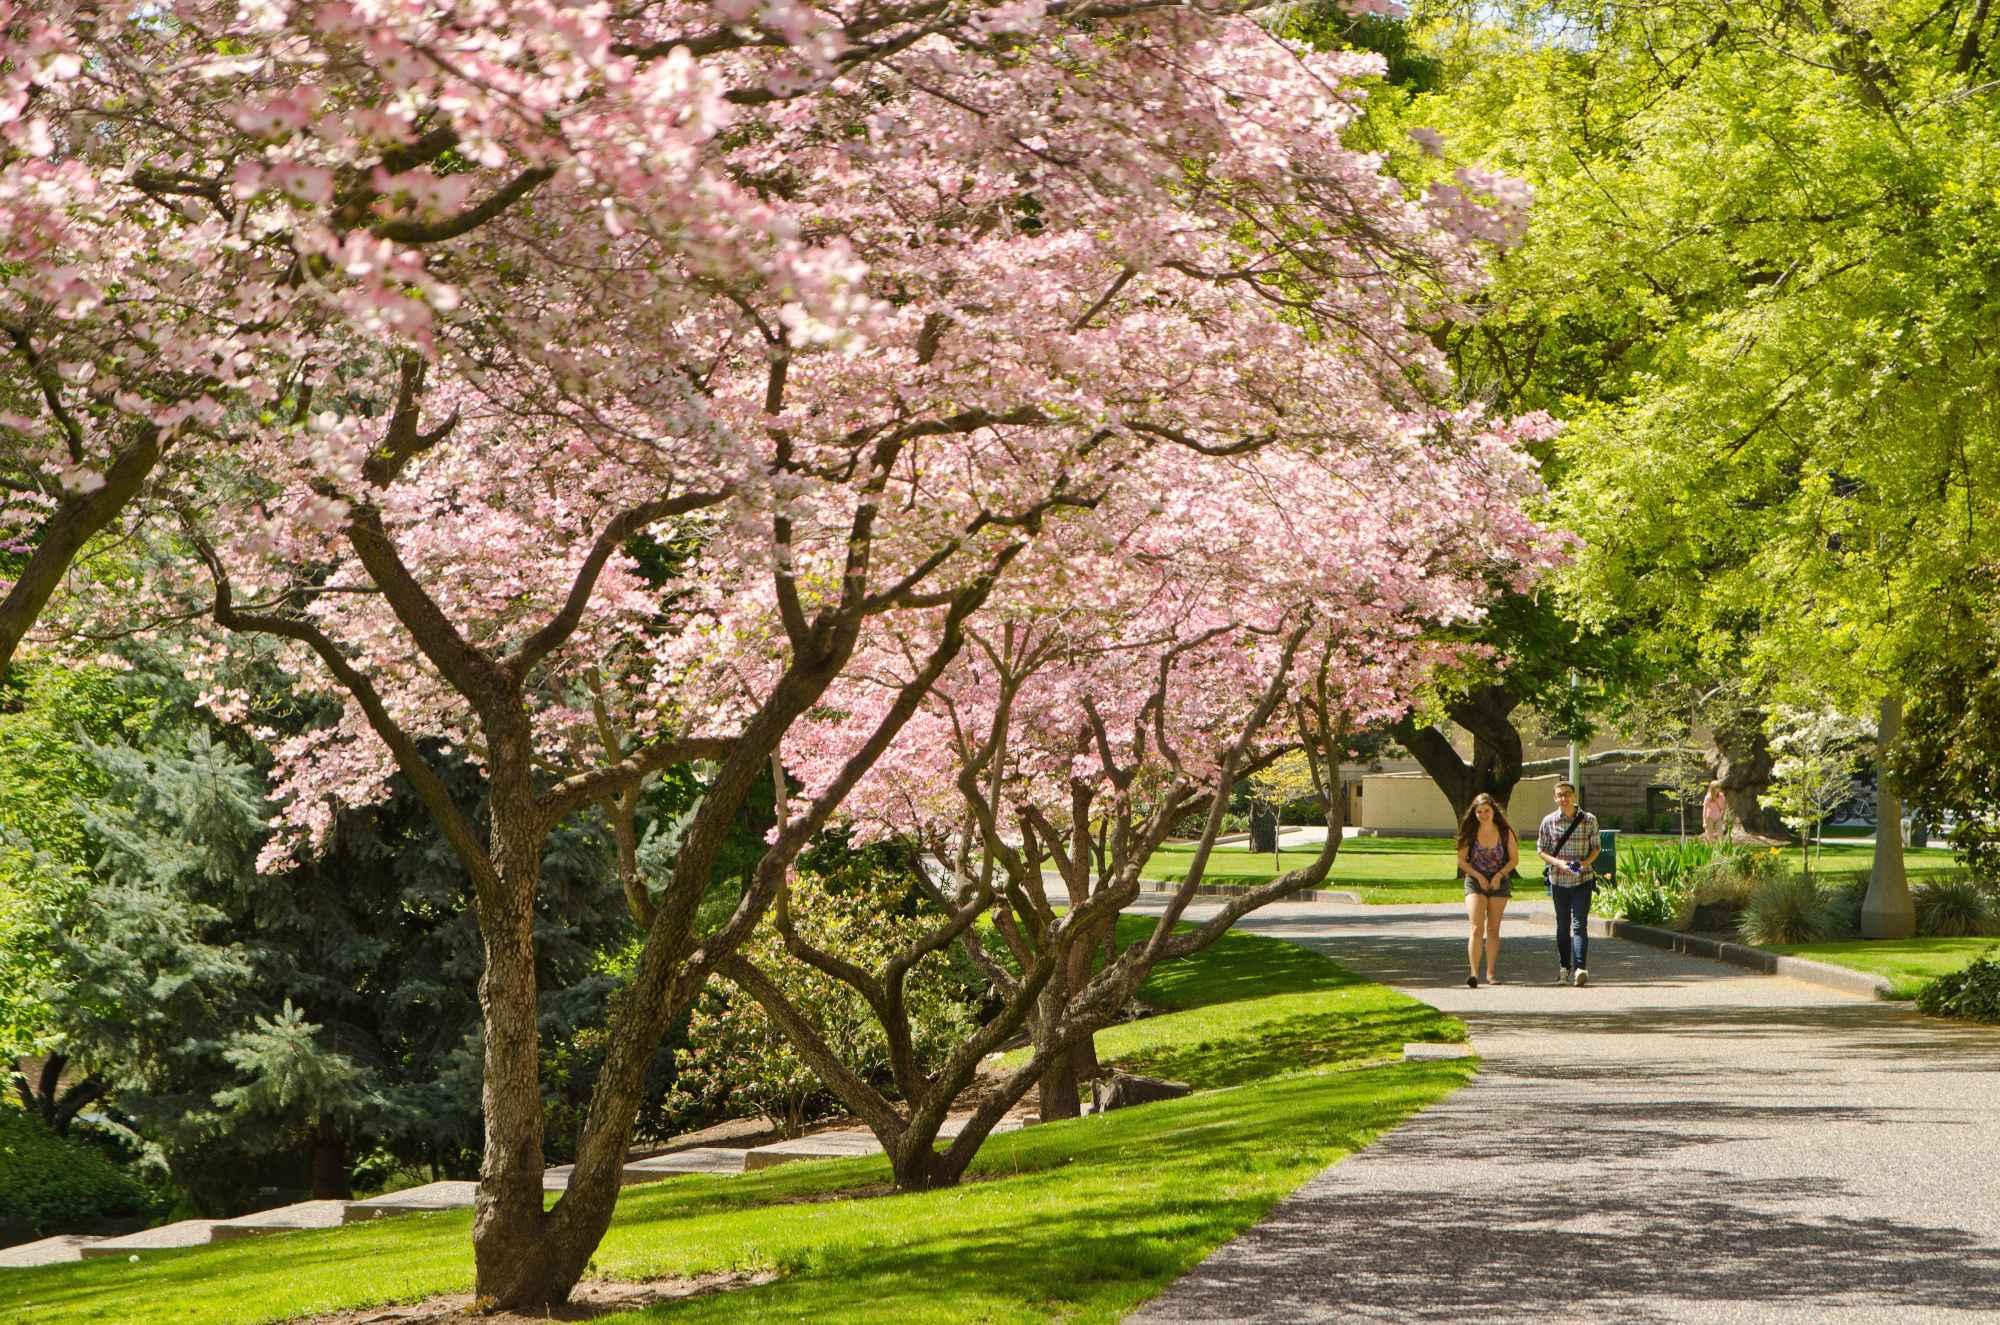 Campus, spring